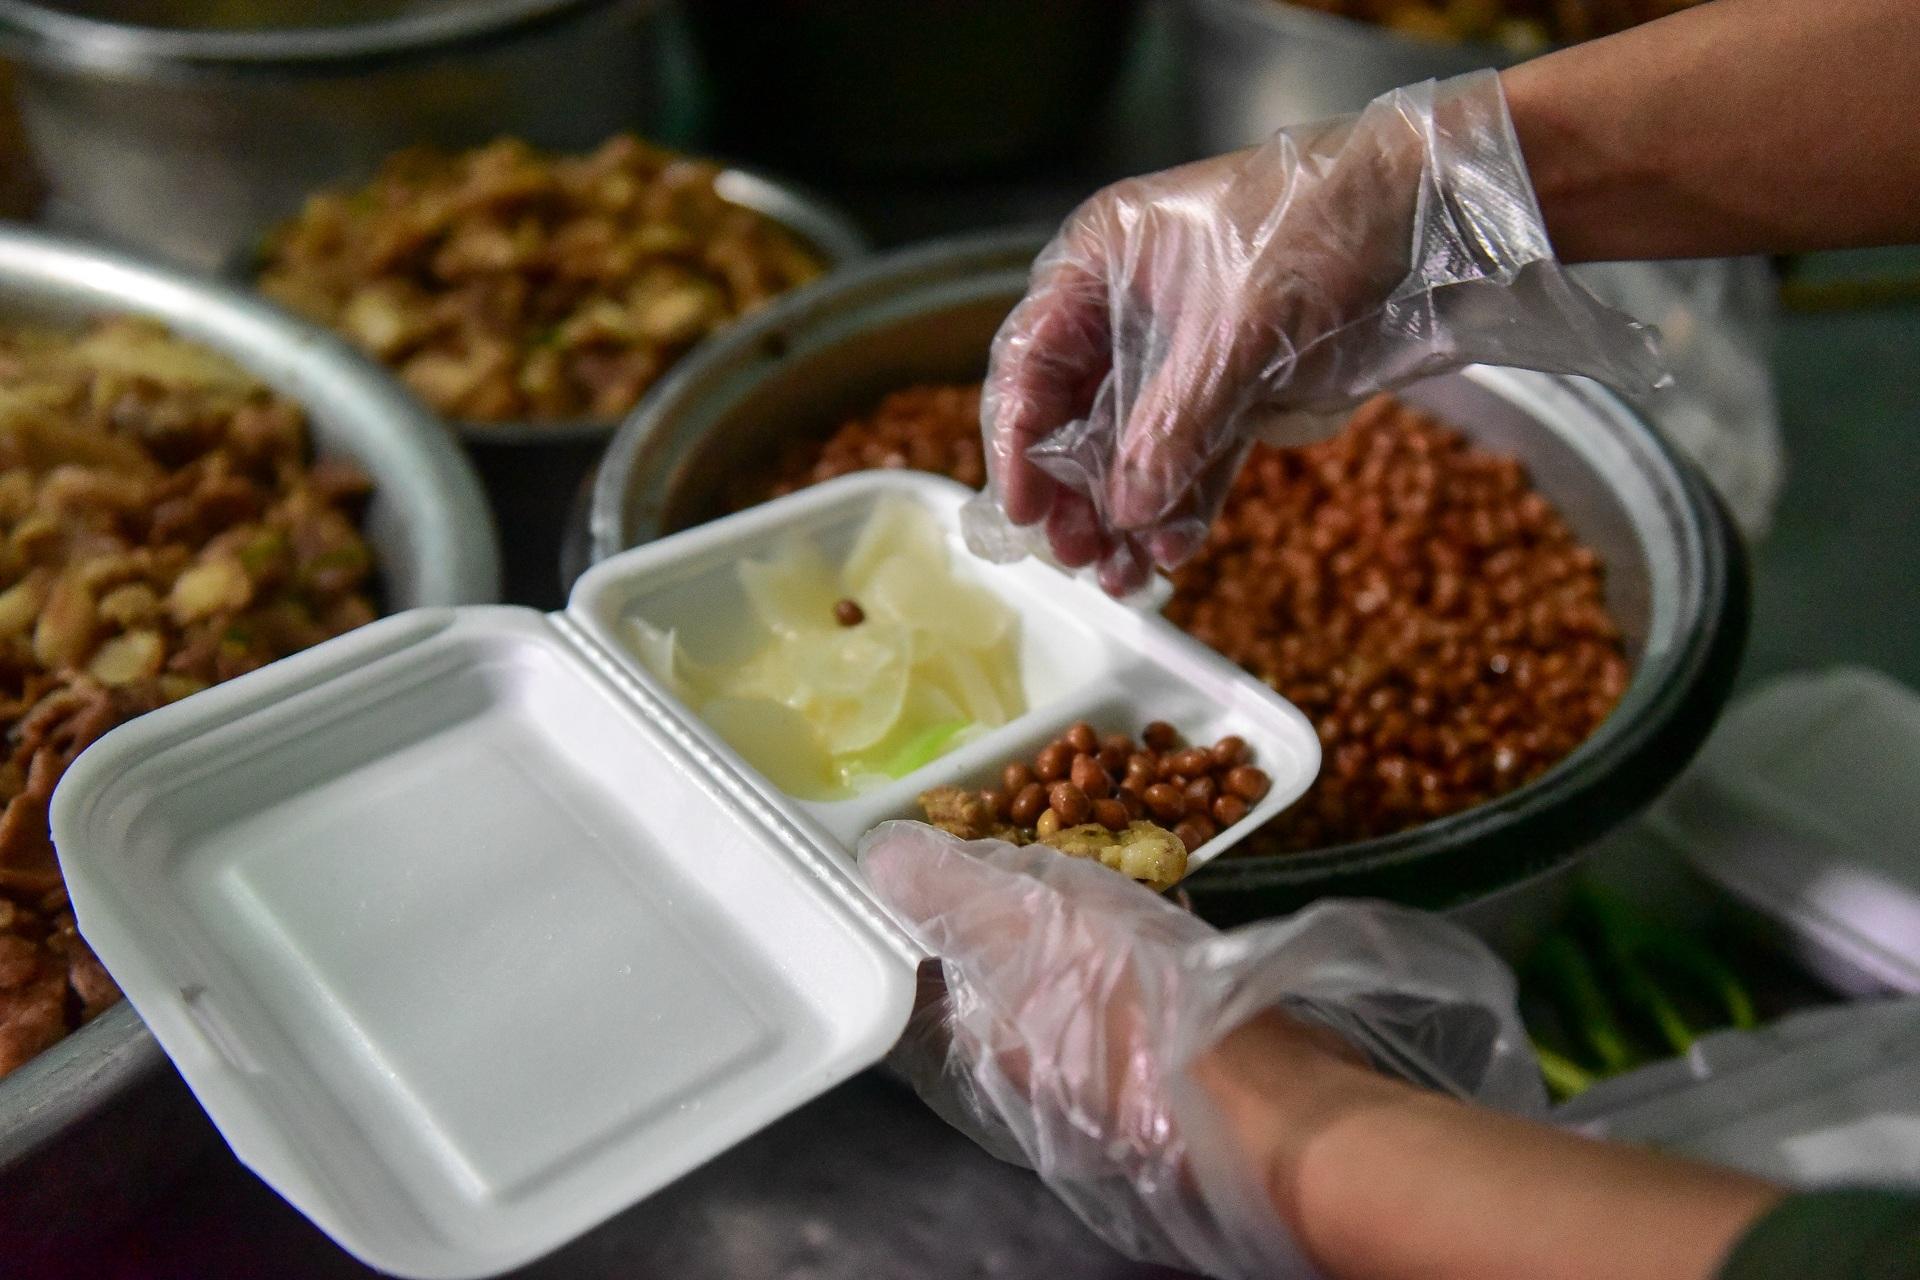 Chiến sĩ vội vã chuẩn bị hàng trăm suất cơm trong khu cách ly tại Lạng Sơn - 5